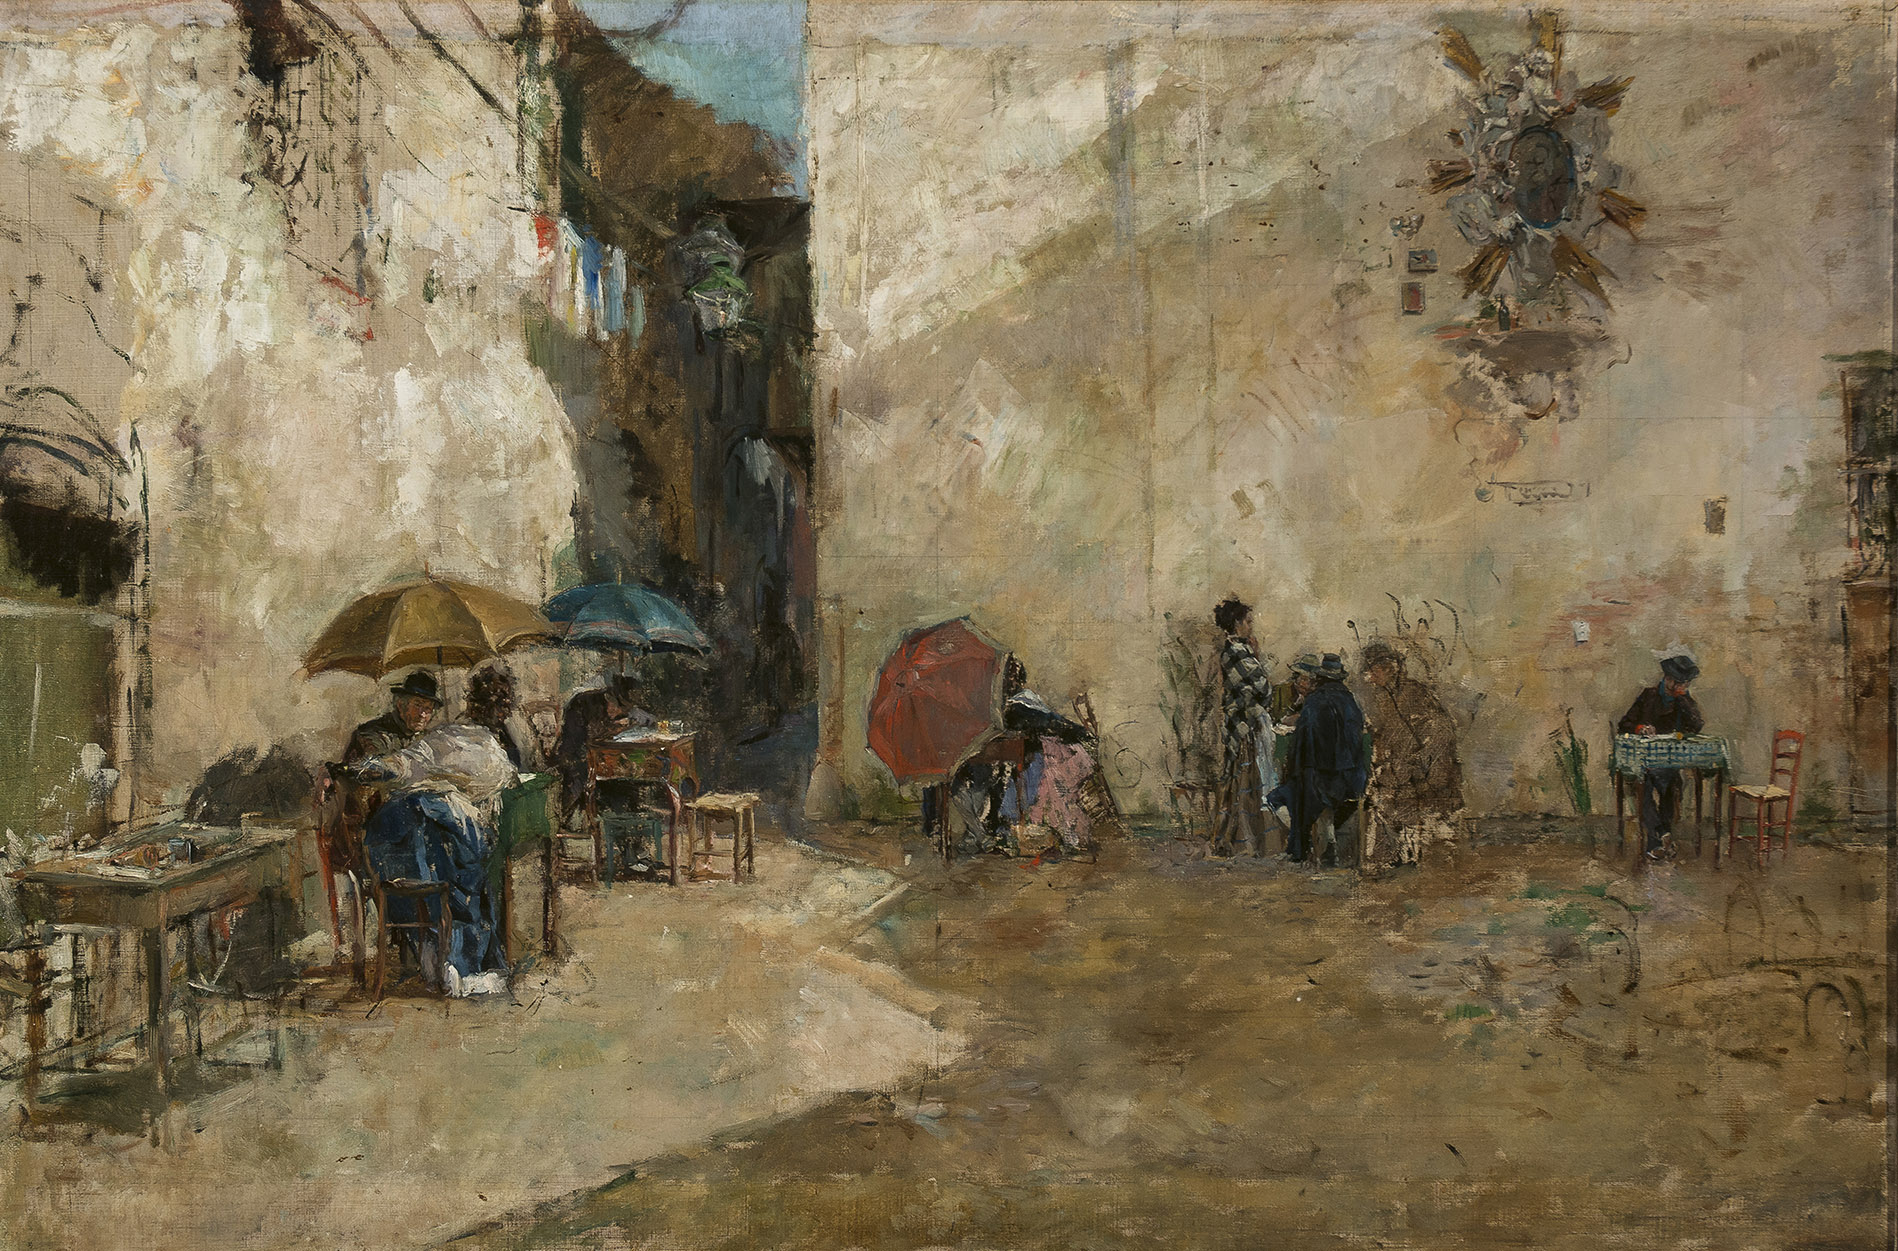 Mariano Fortuny. Los memorialistas, c. 1874. Salida: 90.000 euros